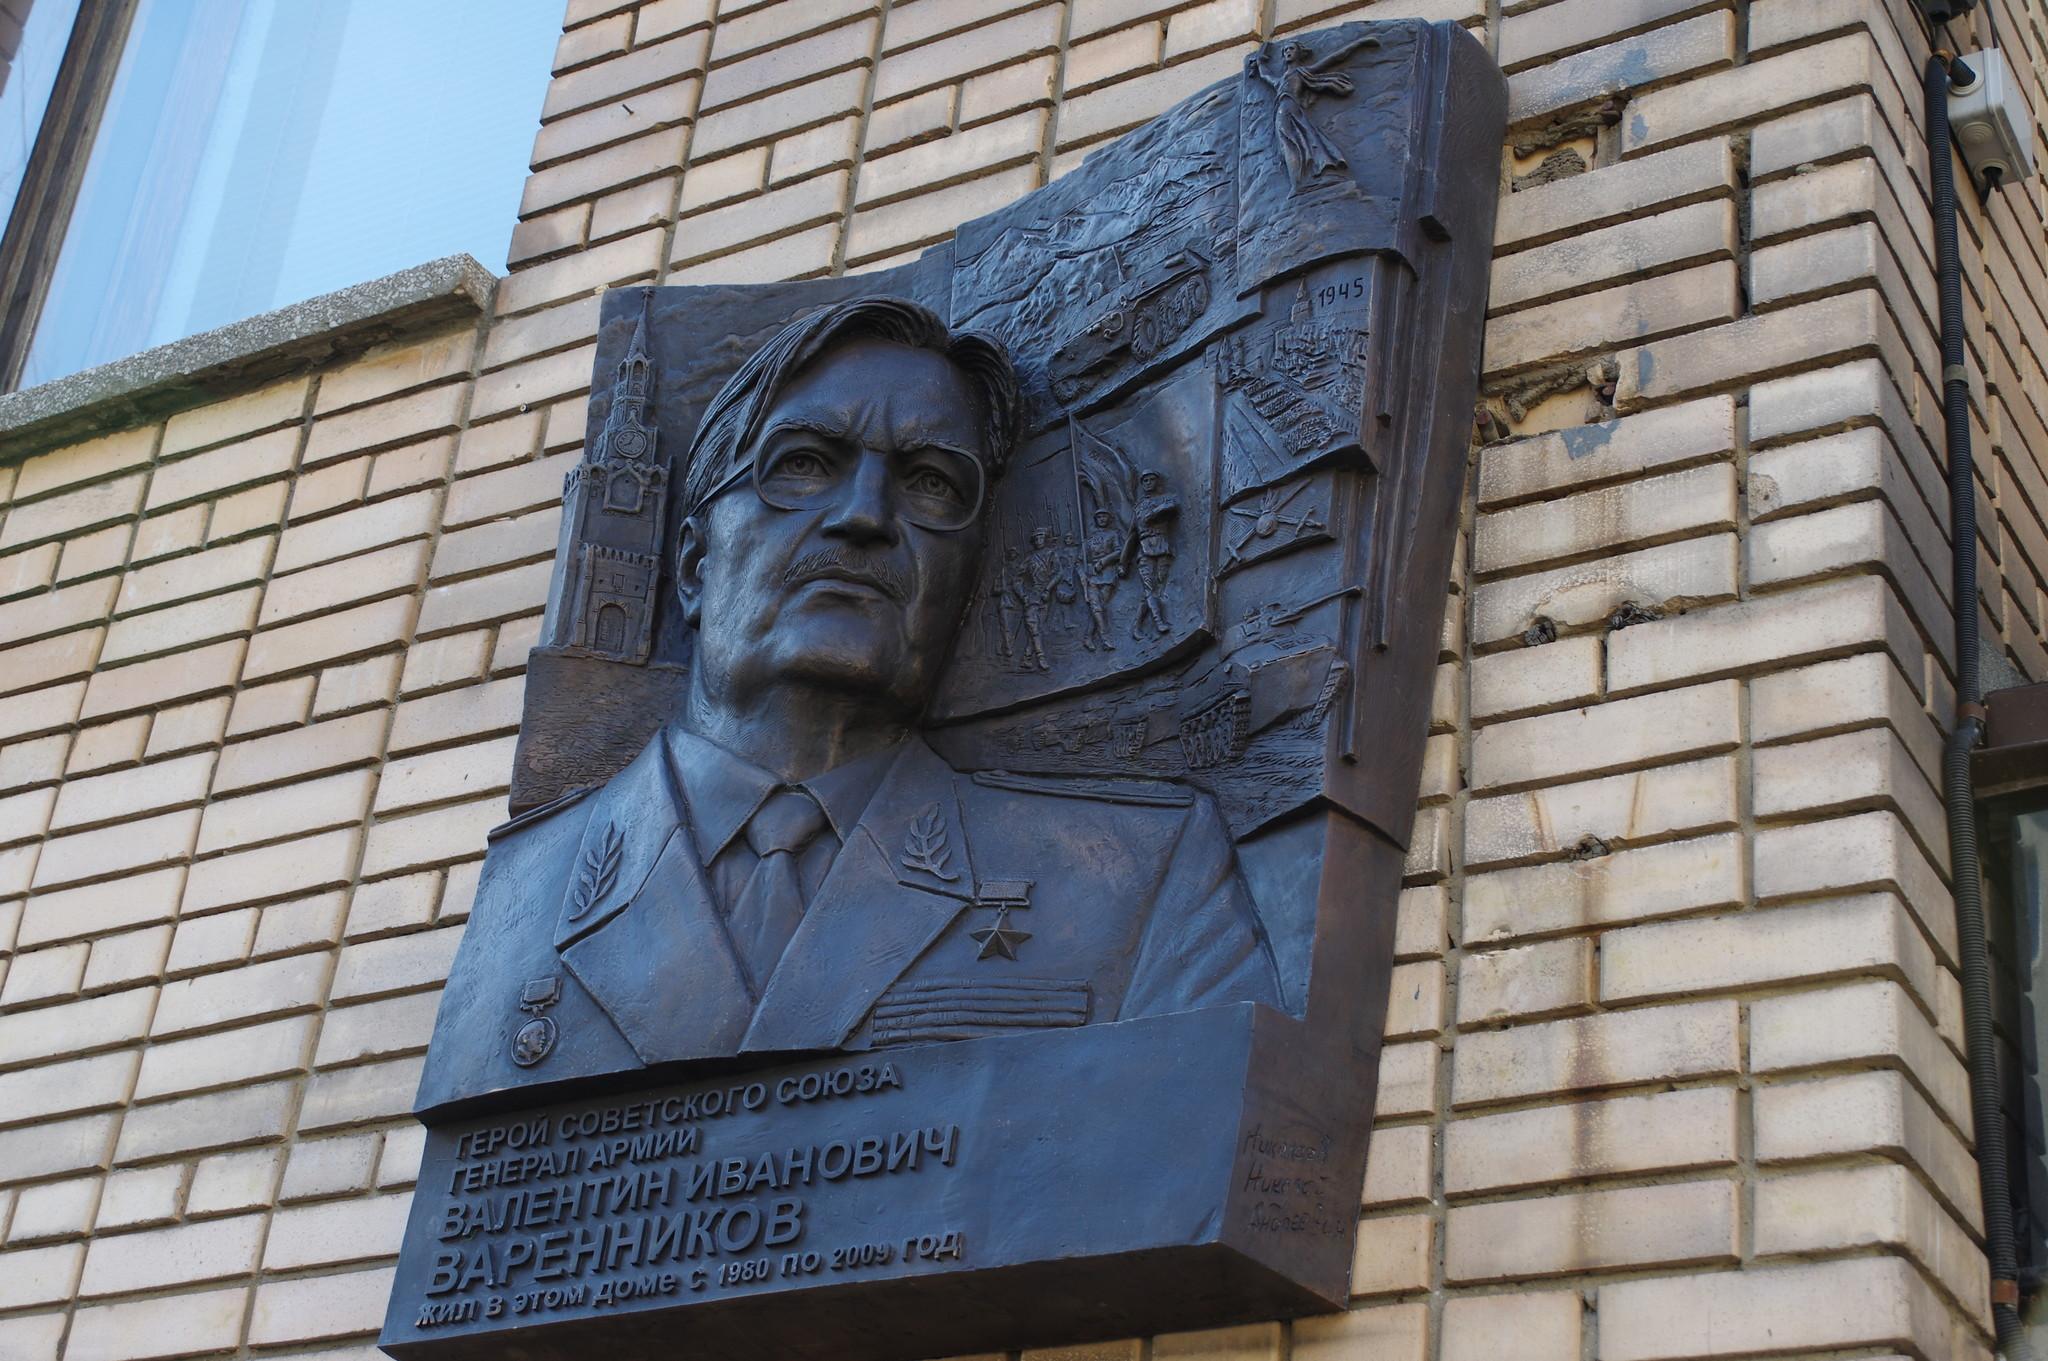 Мемориальная доска на фасаде дома (переулок Сивцев Вражек, дом 31/13), где с 1980 года по 2009 год жил Герой Советского Союза генерал армии Валентин Иванович Варенников